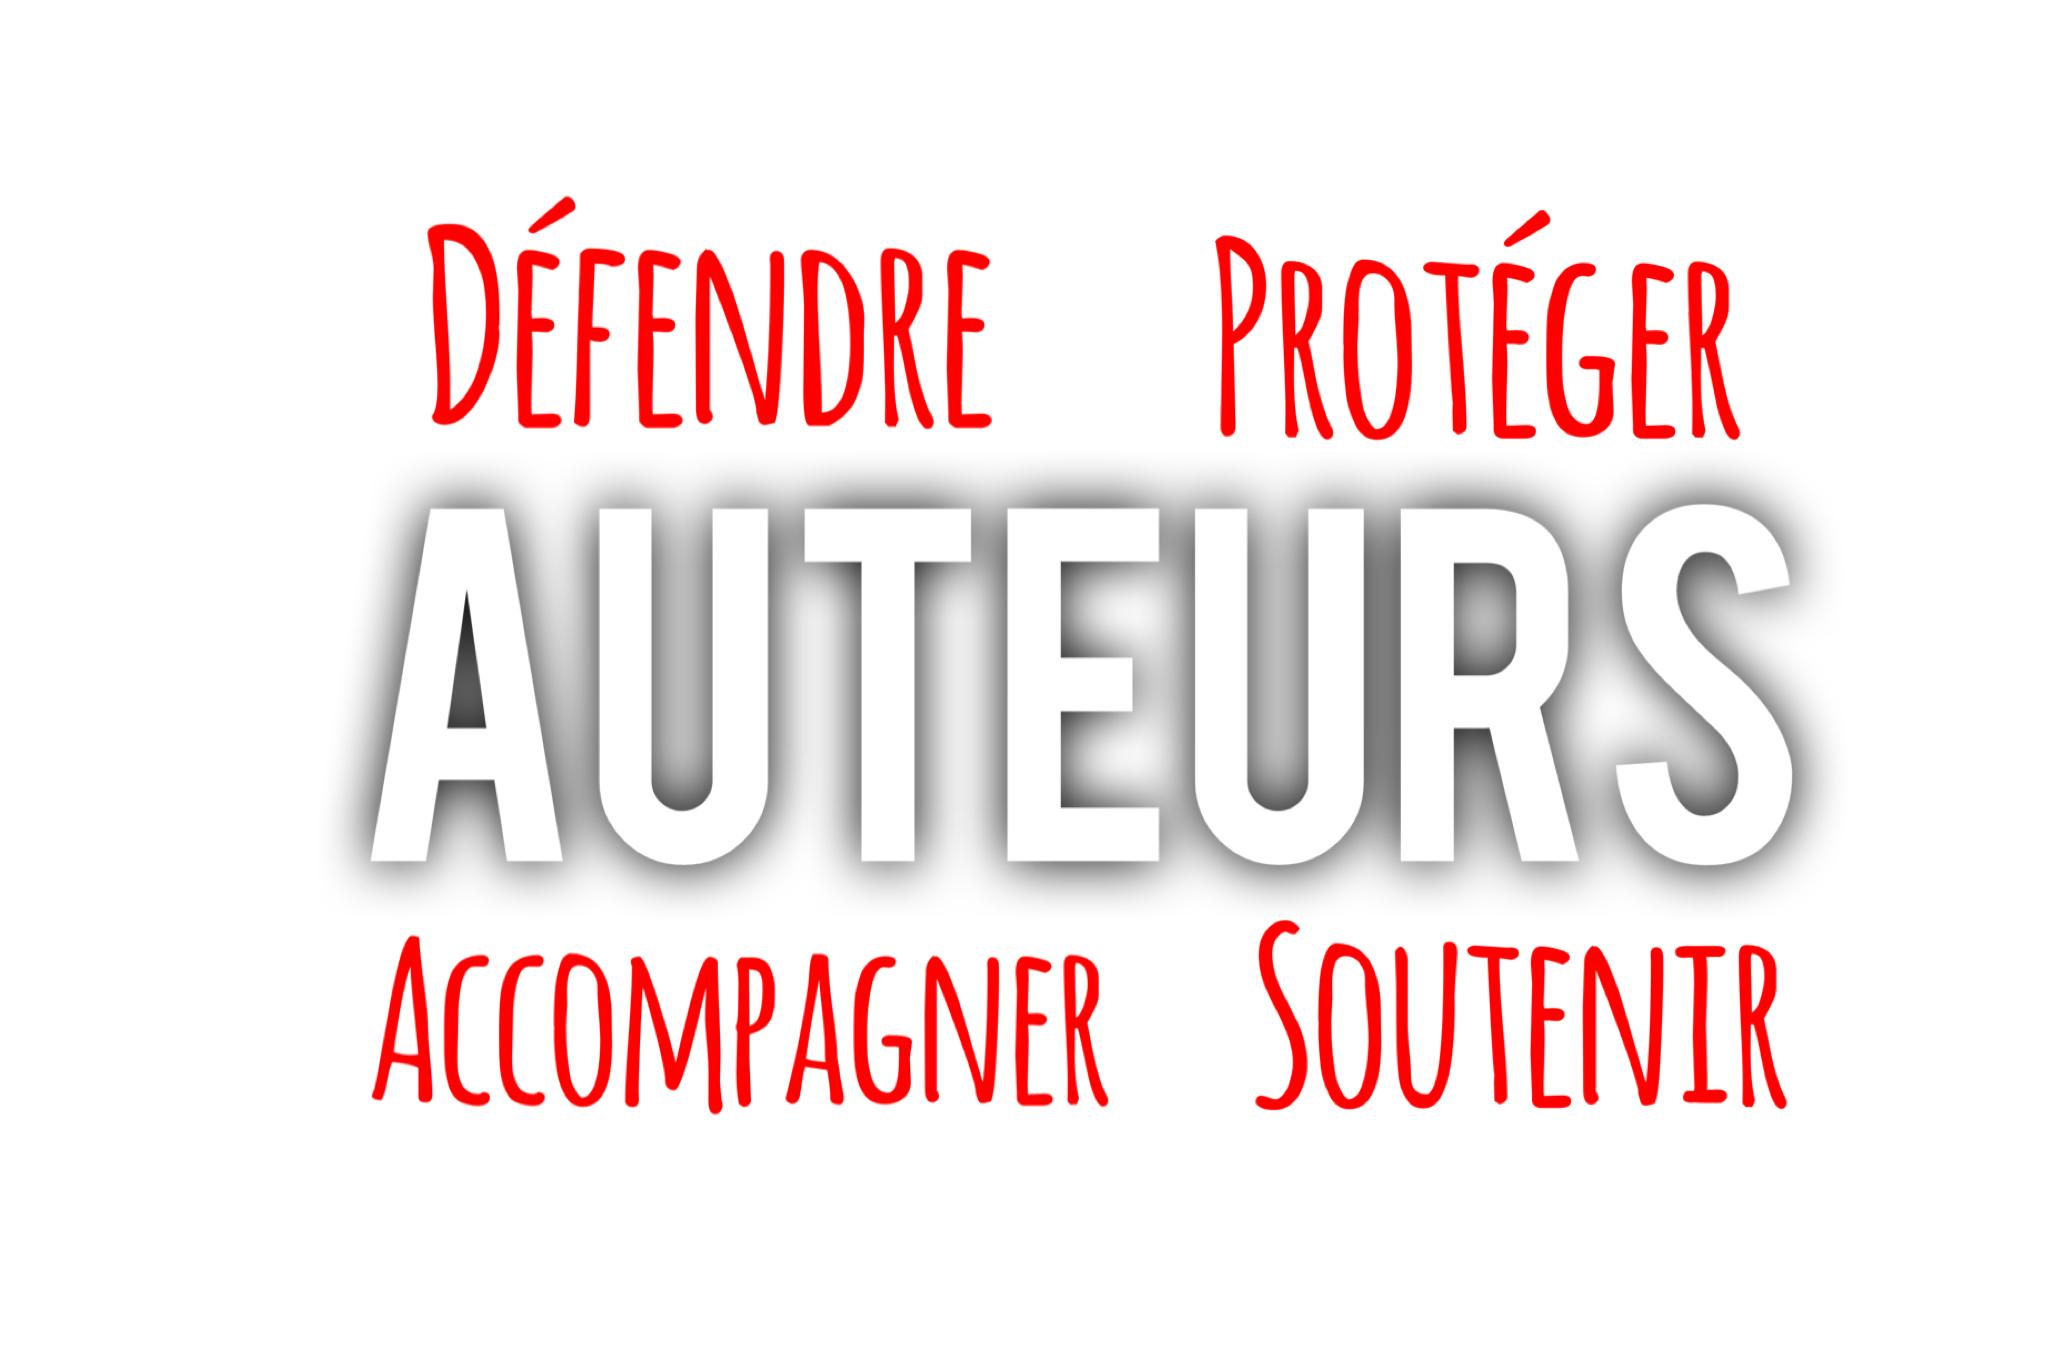 Image défendre protéger accompagner et soutenir les auteurs